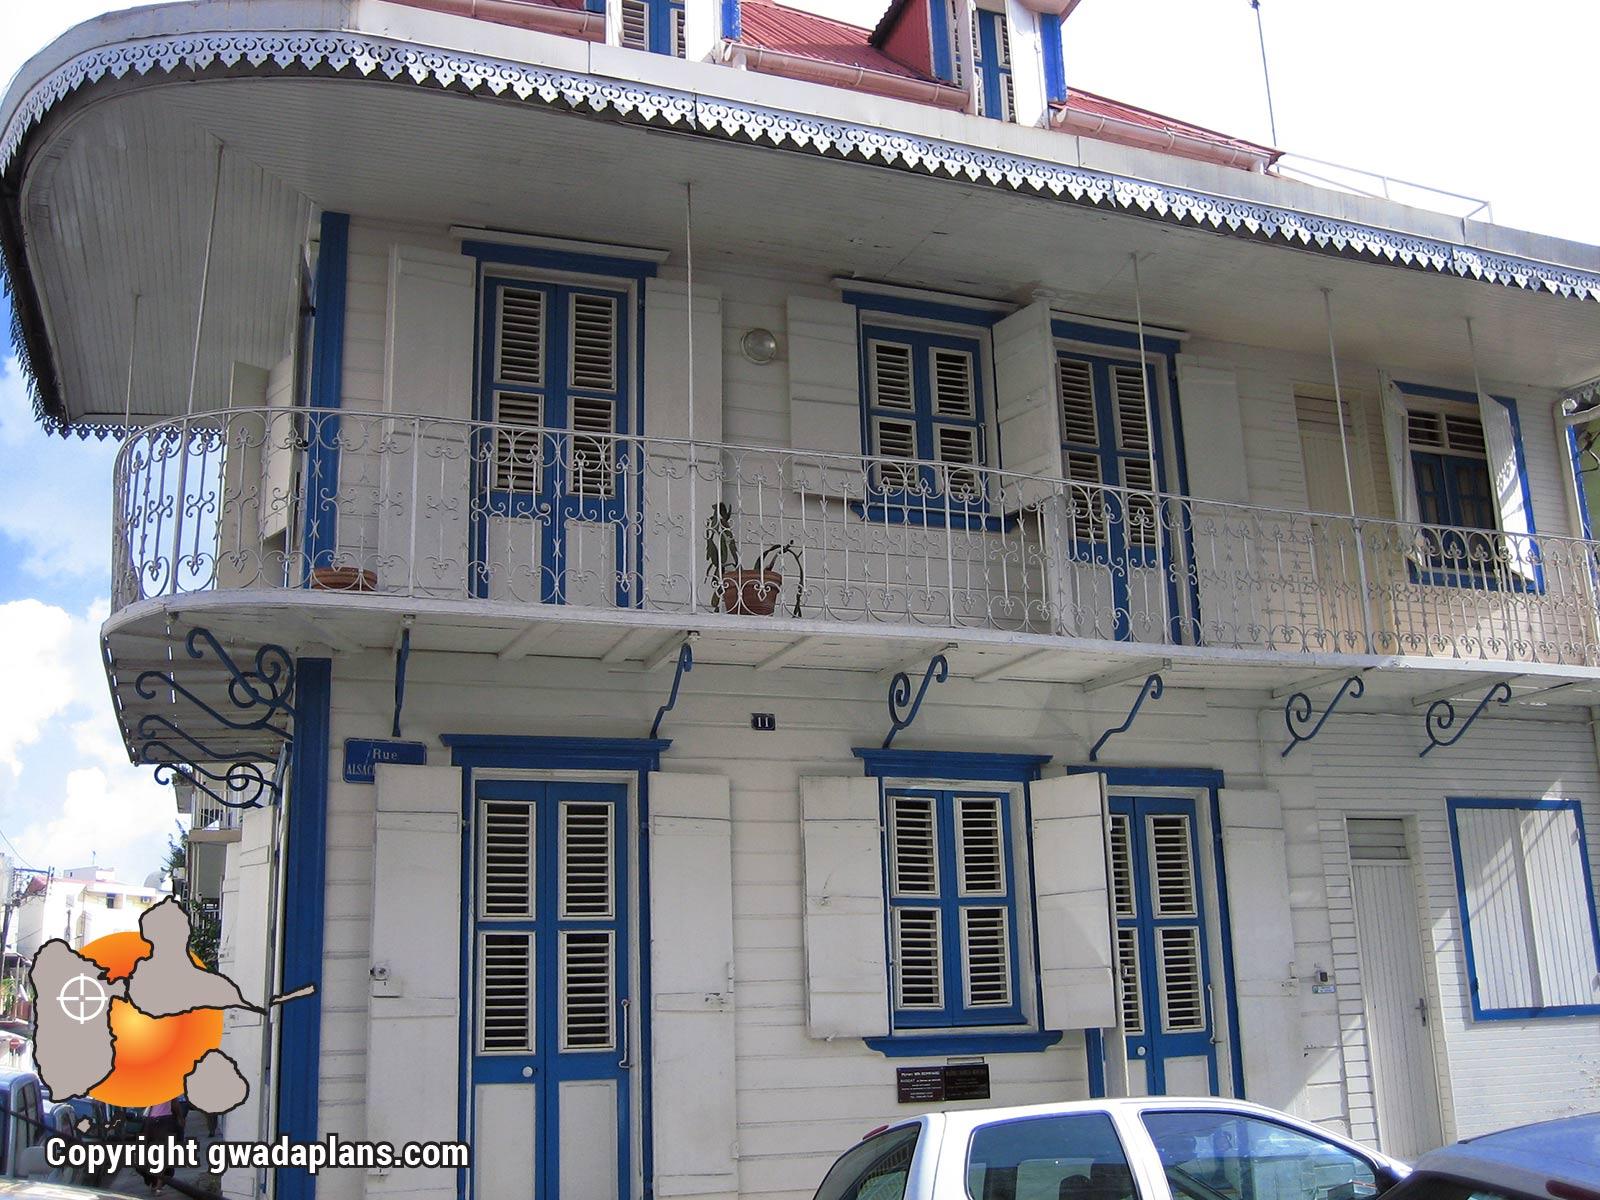 Maison créole de Pointe à Pitre